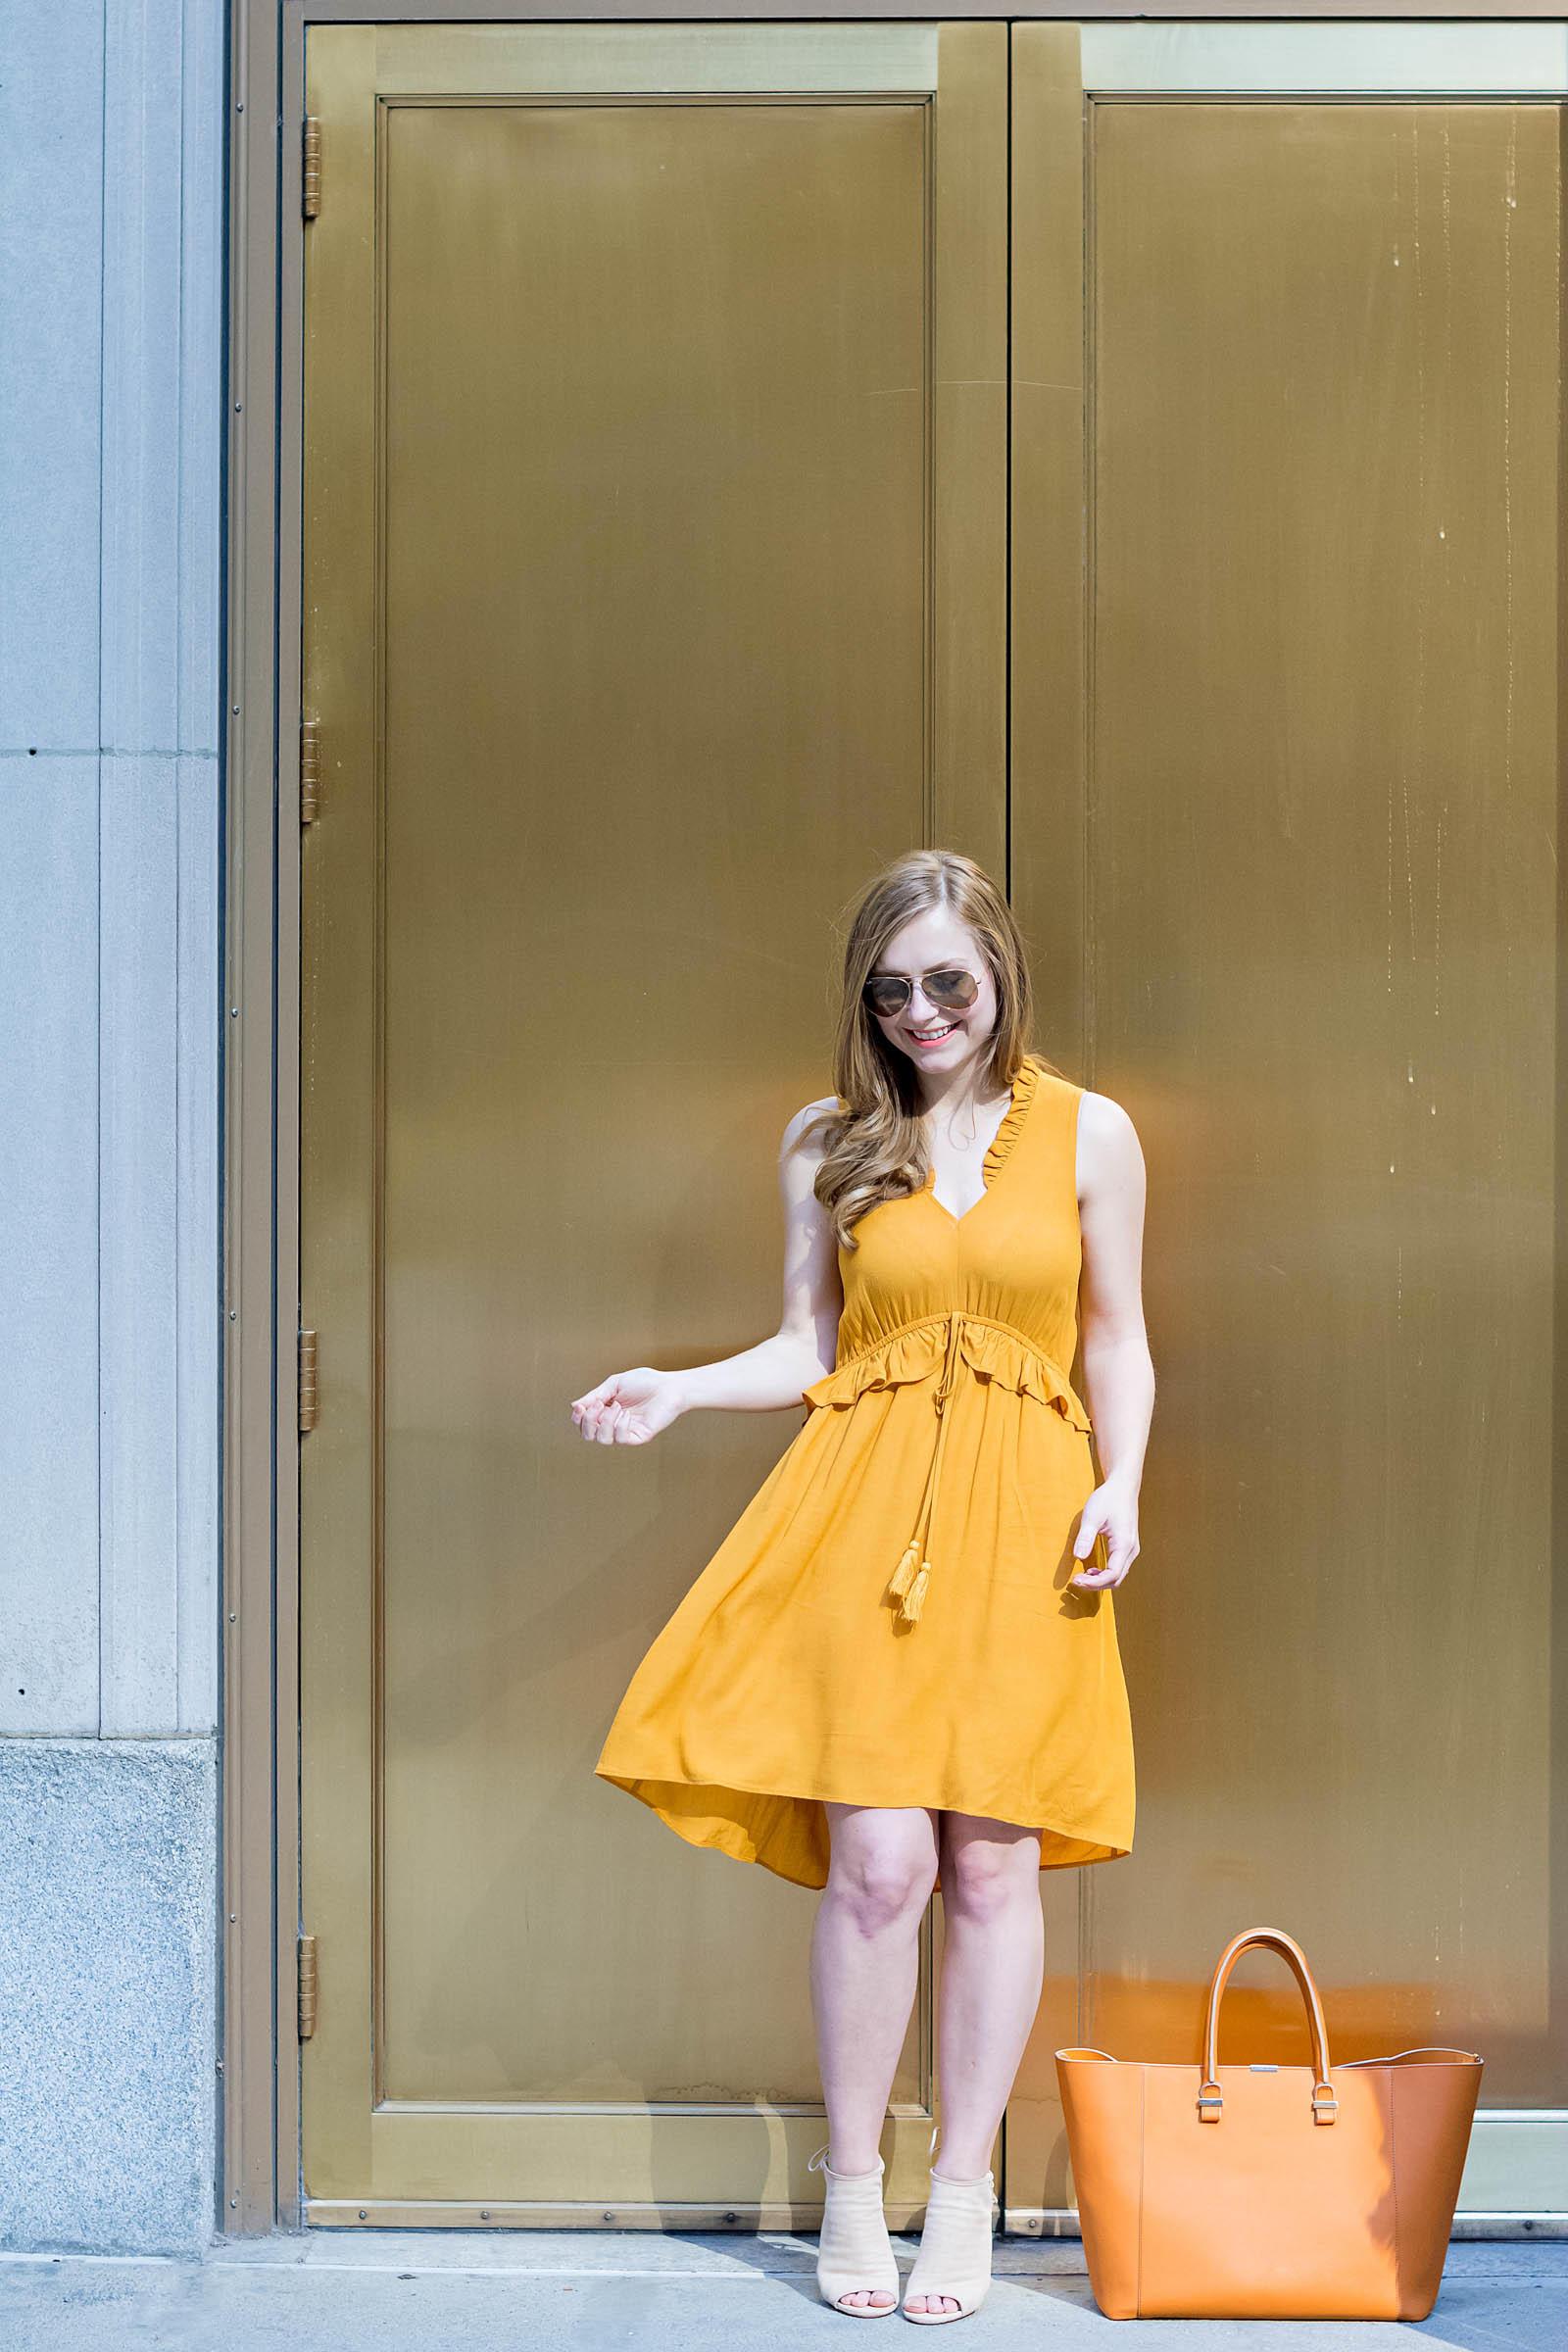 H&M Victoria Beckham Aquazzura--50